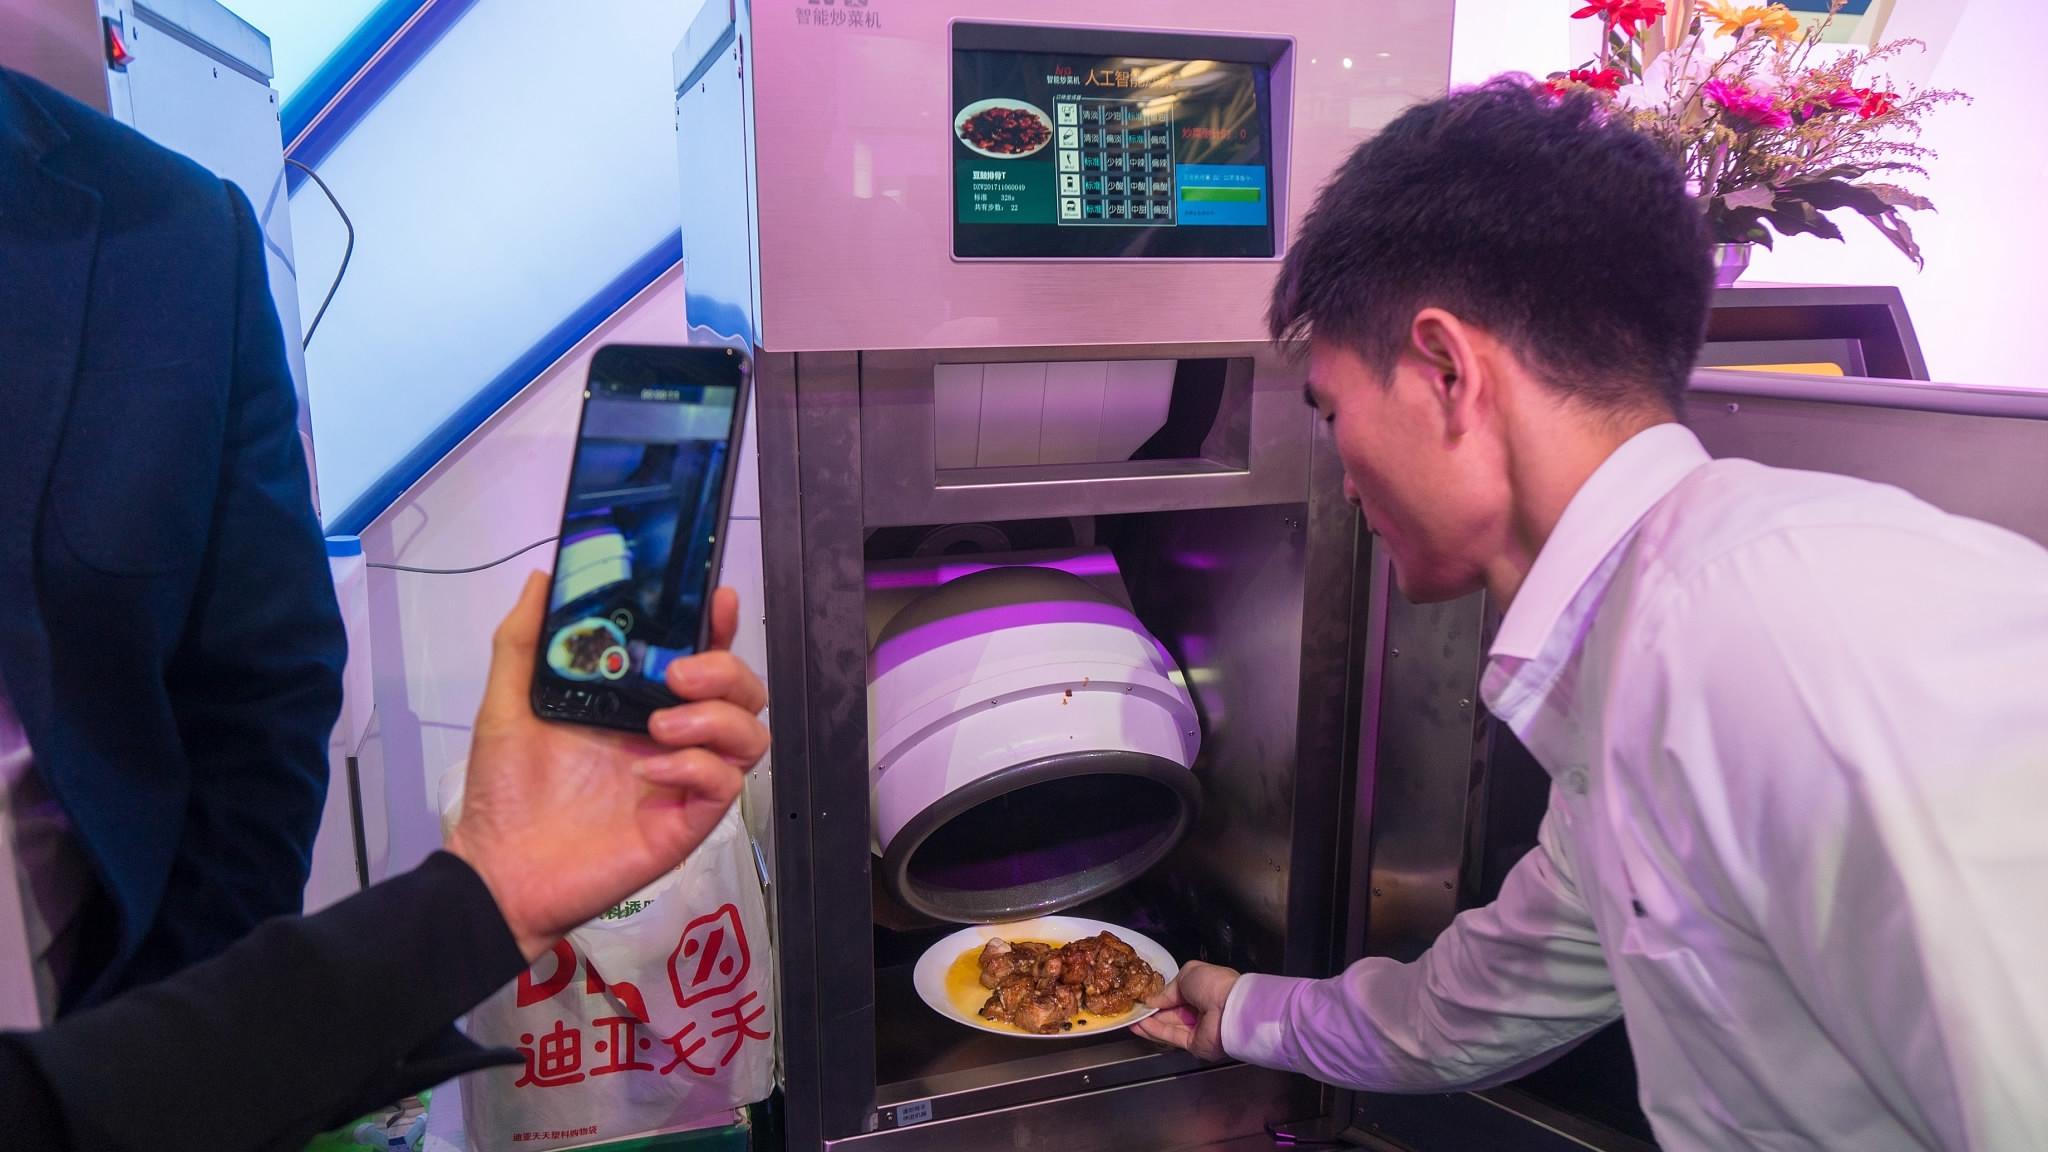 Lười nấu cơm, ông chồng dành 8 năm để chế tạo robot đầu bếp